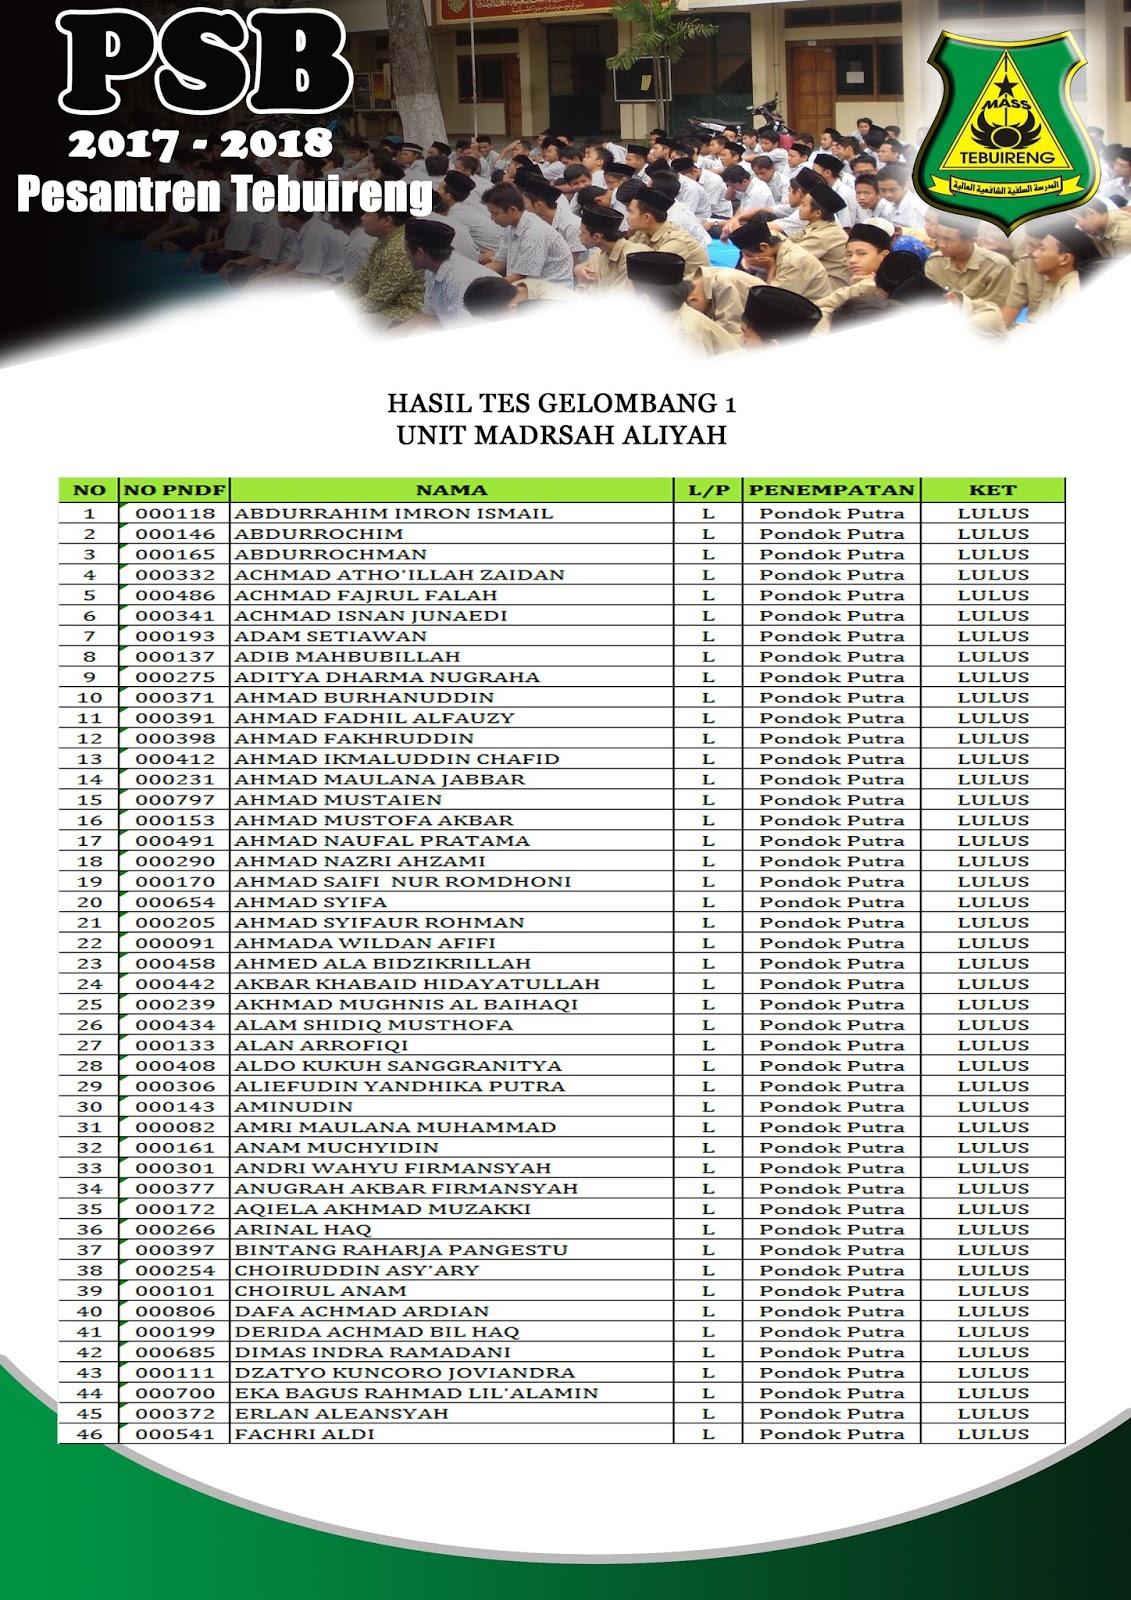 Madrasah Aliyah Putra 1